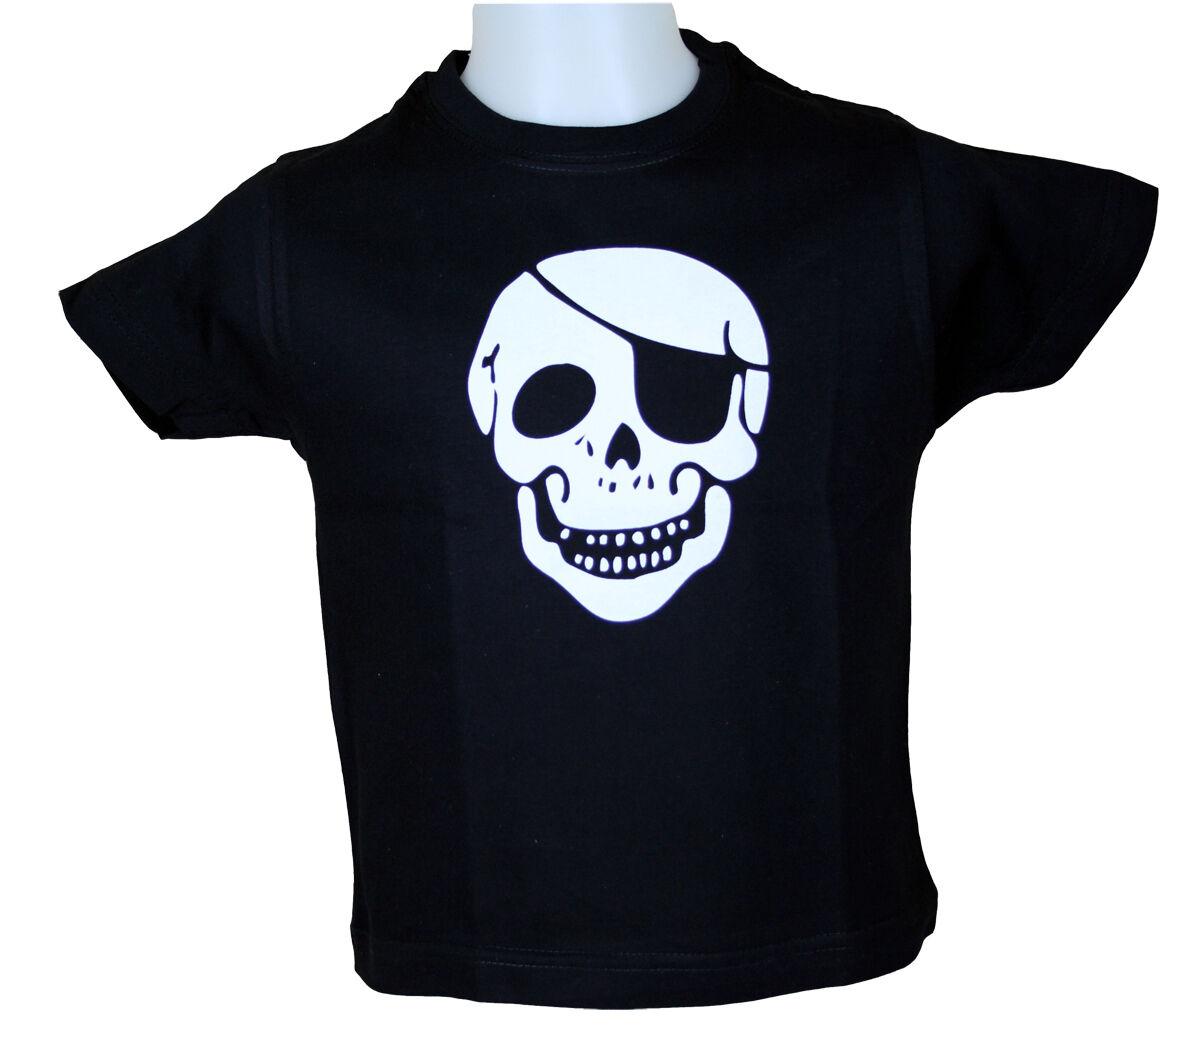 WESTERN-SPEICHER Children T-Shirt Cotton Skull Black Size 86 To 116